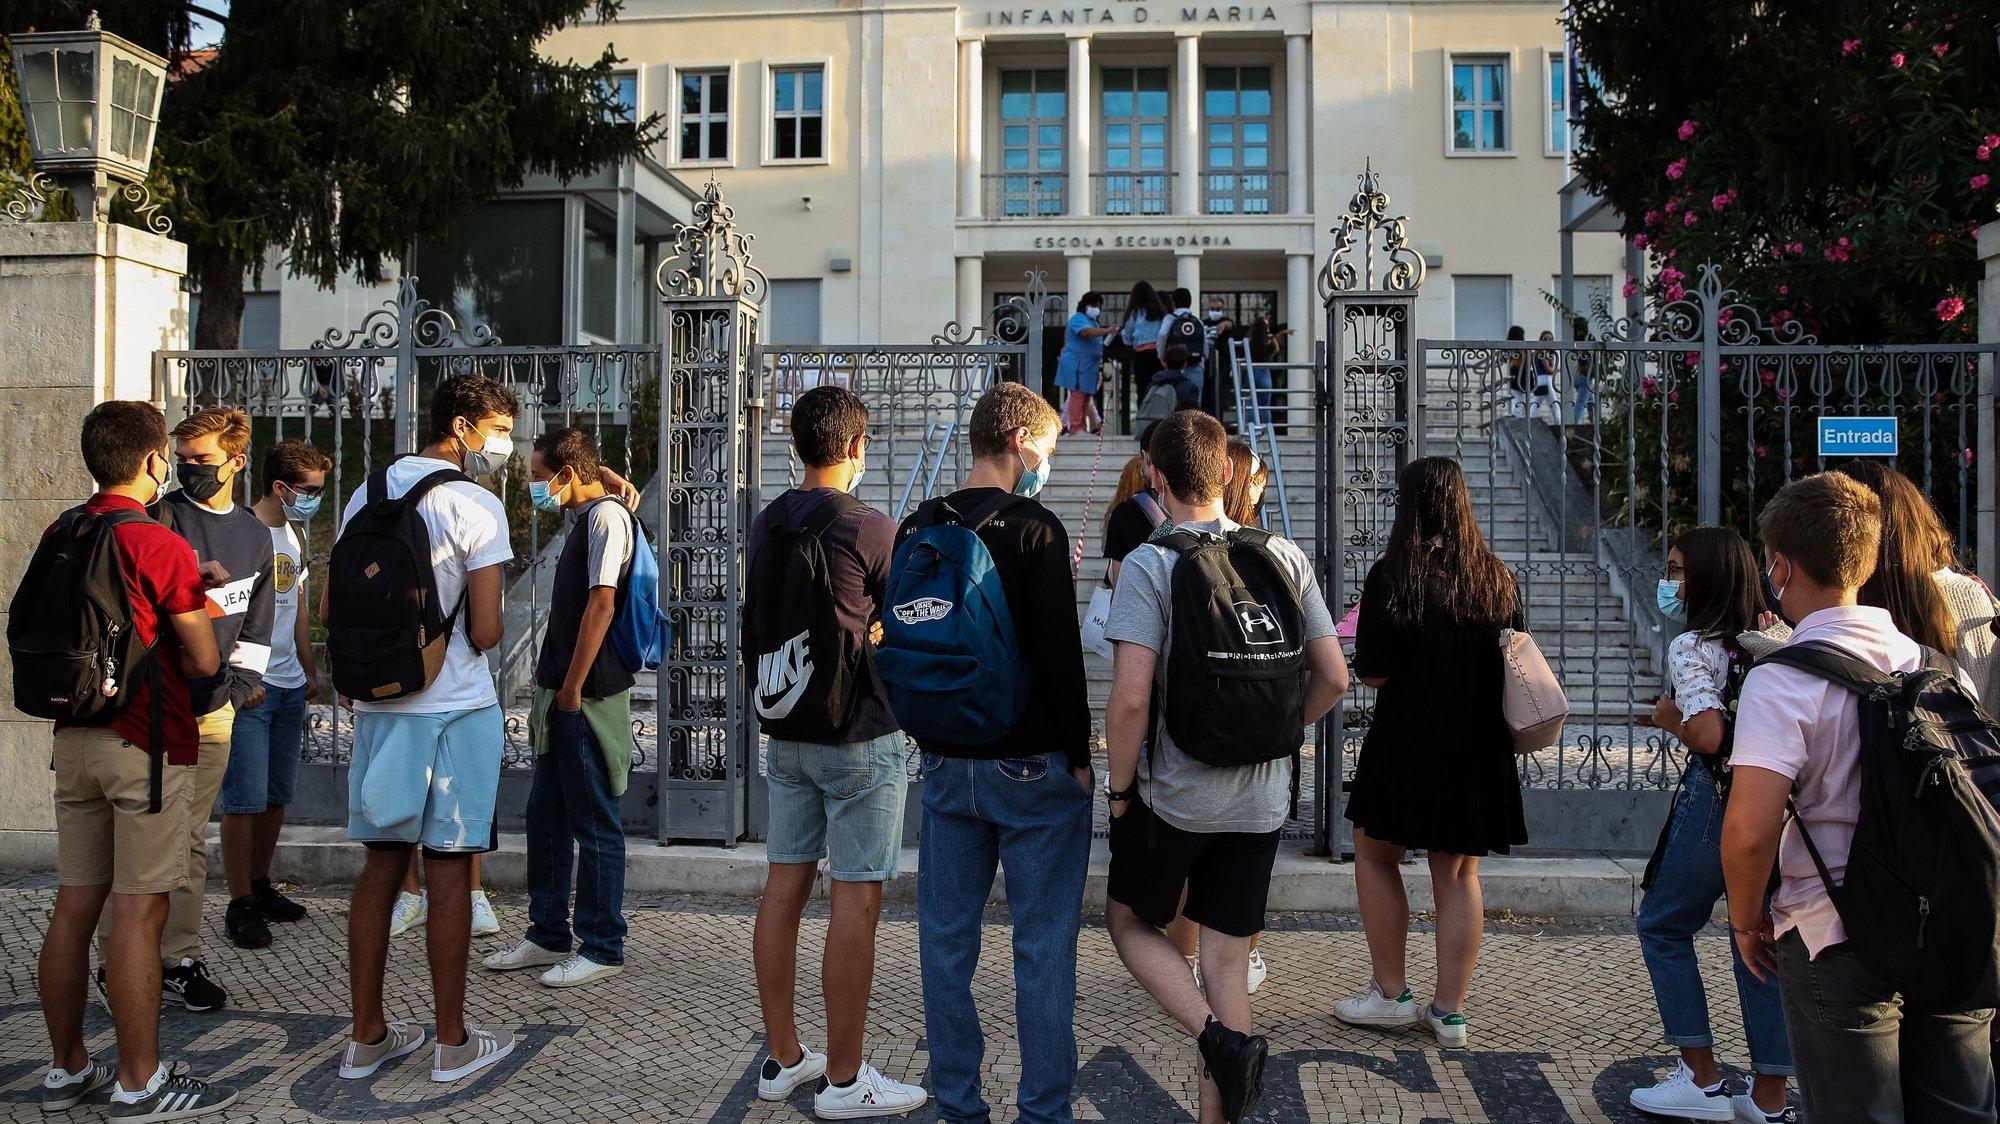 Alunos juntam-se à porta da Escola Secundária Infanta Dona Maria, no dia que assinala o regresso às aulas, com as regras no contexto de pandemia da Covid-19, em Coimbra, 17 de setembro de 2020. PAULO NOVAIS/LUSA